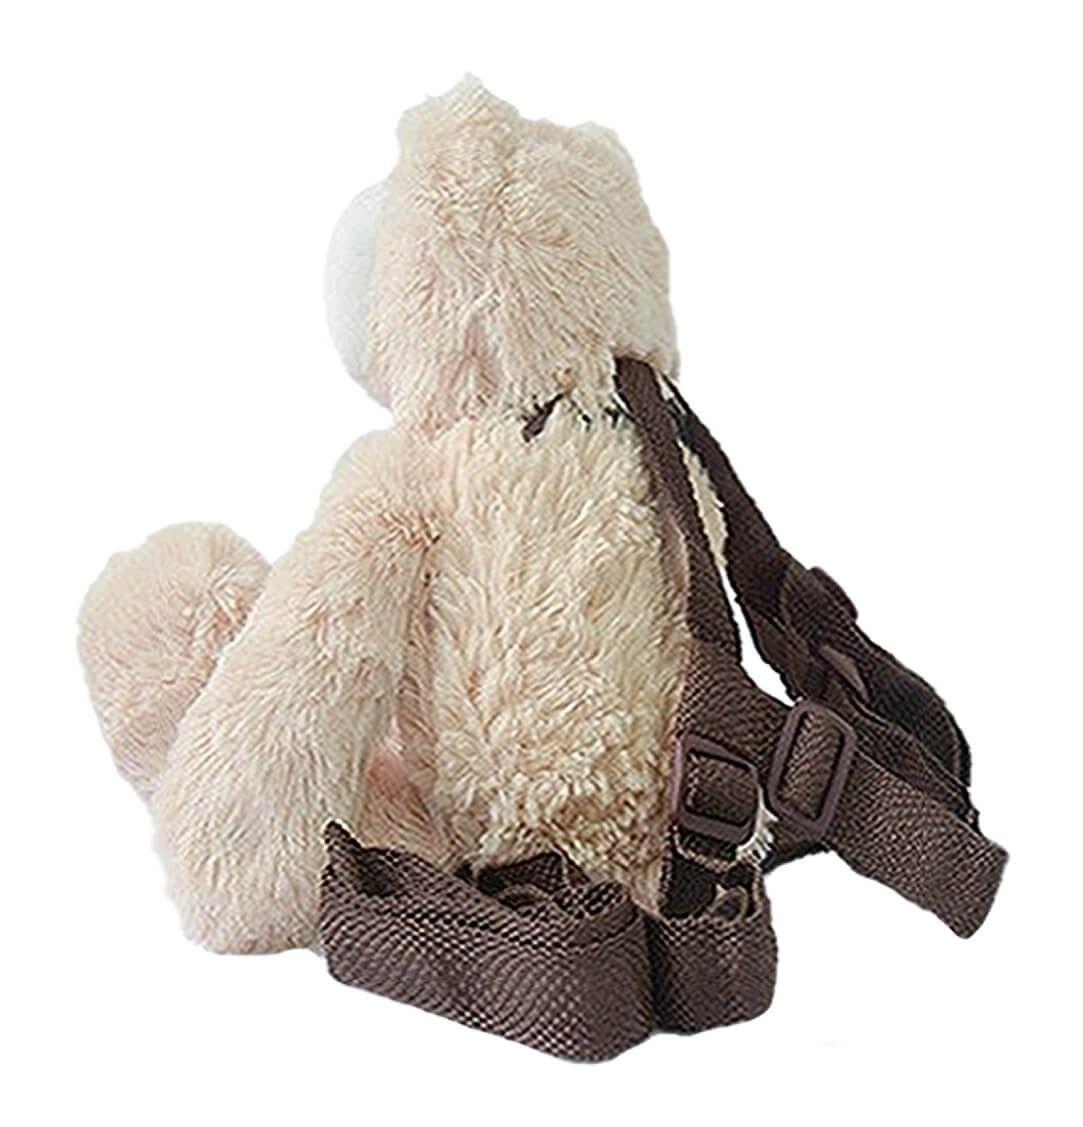 Mochila Infantil com Alça Guia Urso - Zip Toys